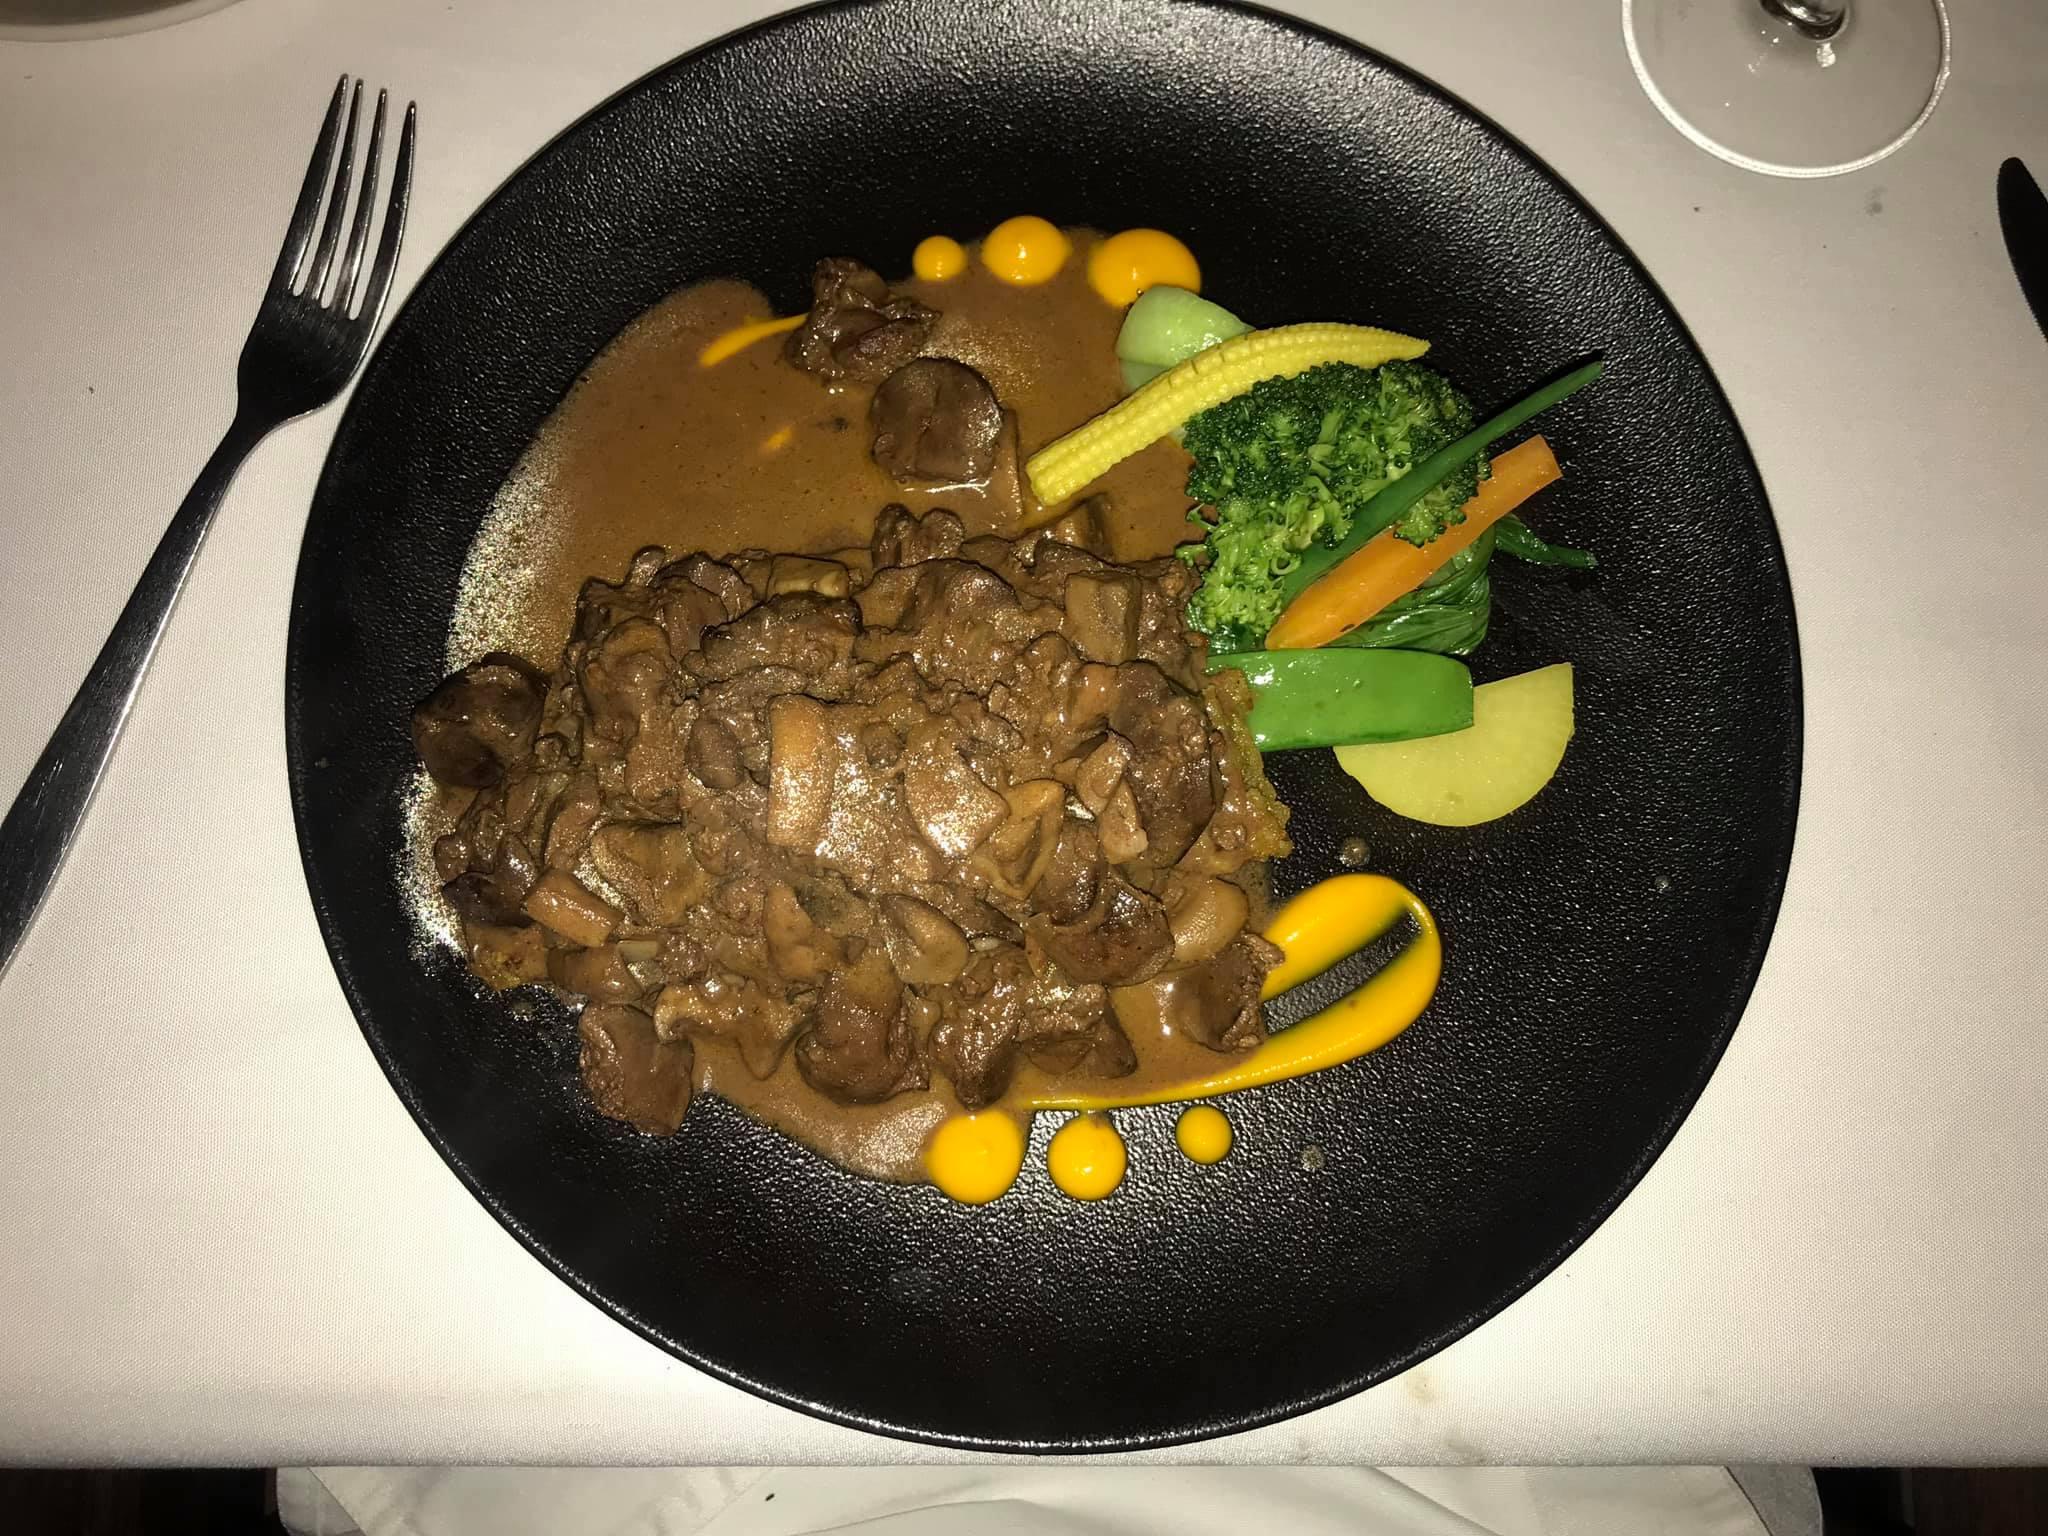 Nairobi-kenya-travel-eat-see-do-vickieremoe-72hours-EastAfrica-giraffe-shopping-TV58.jpg